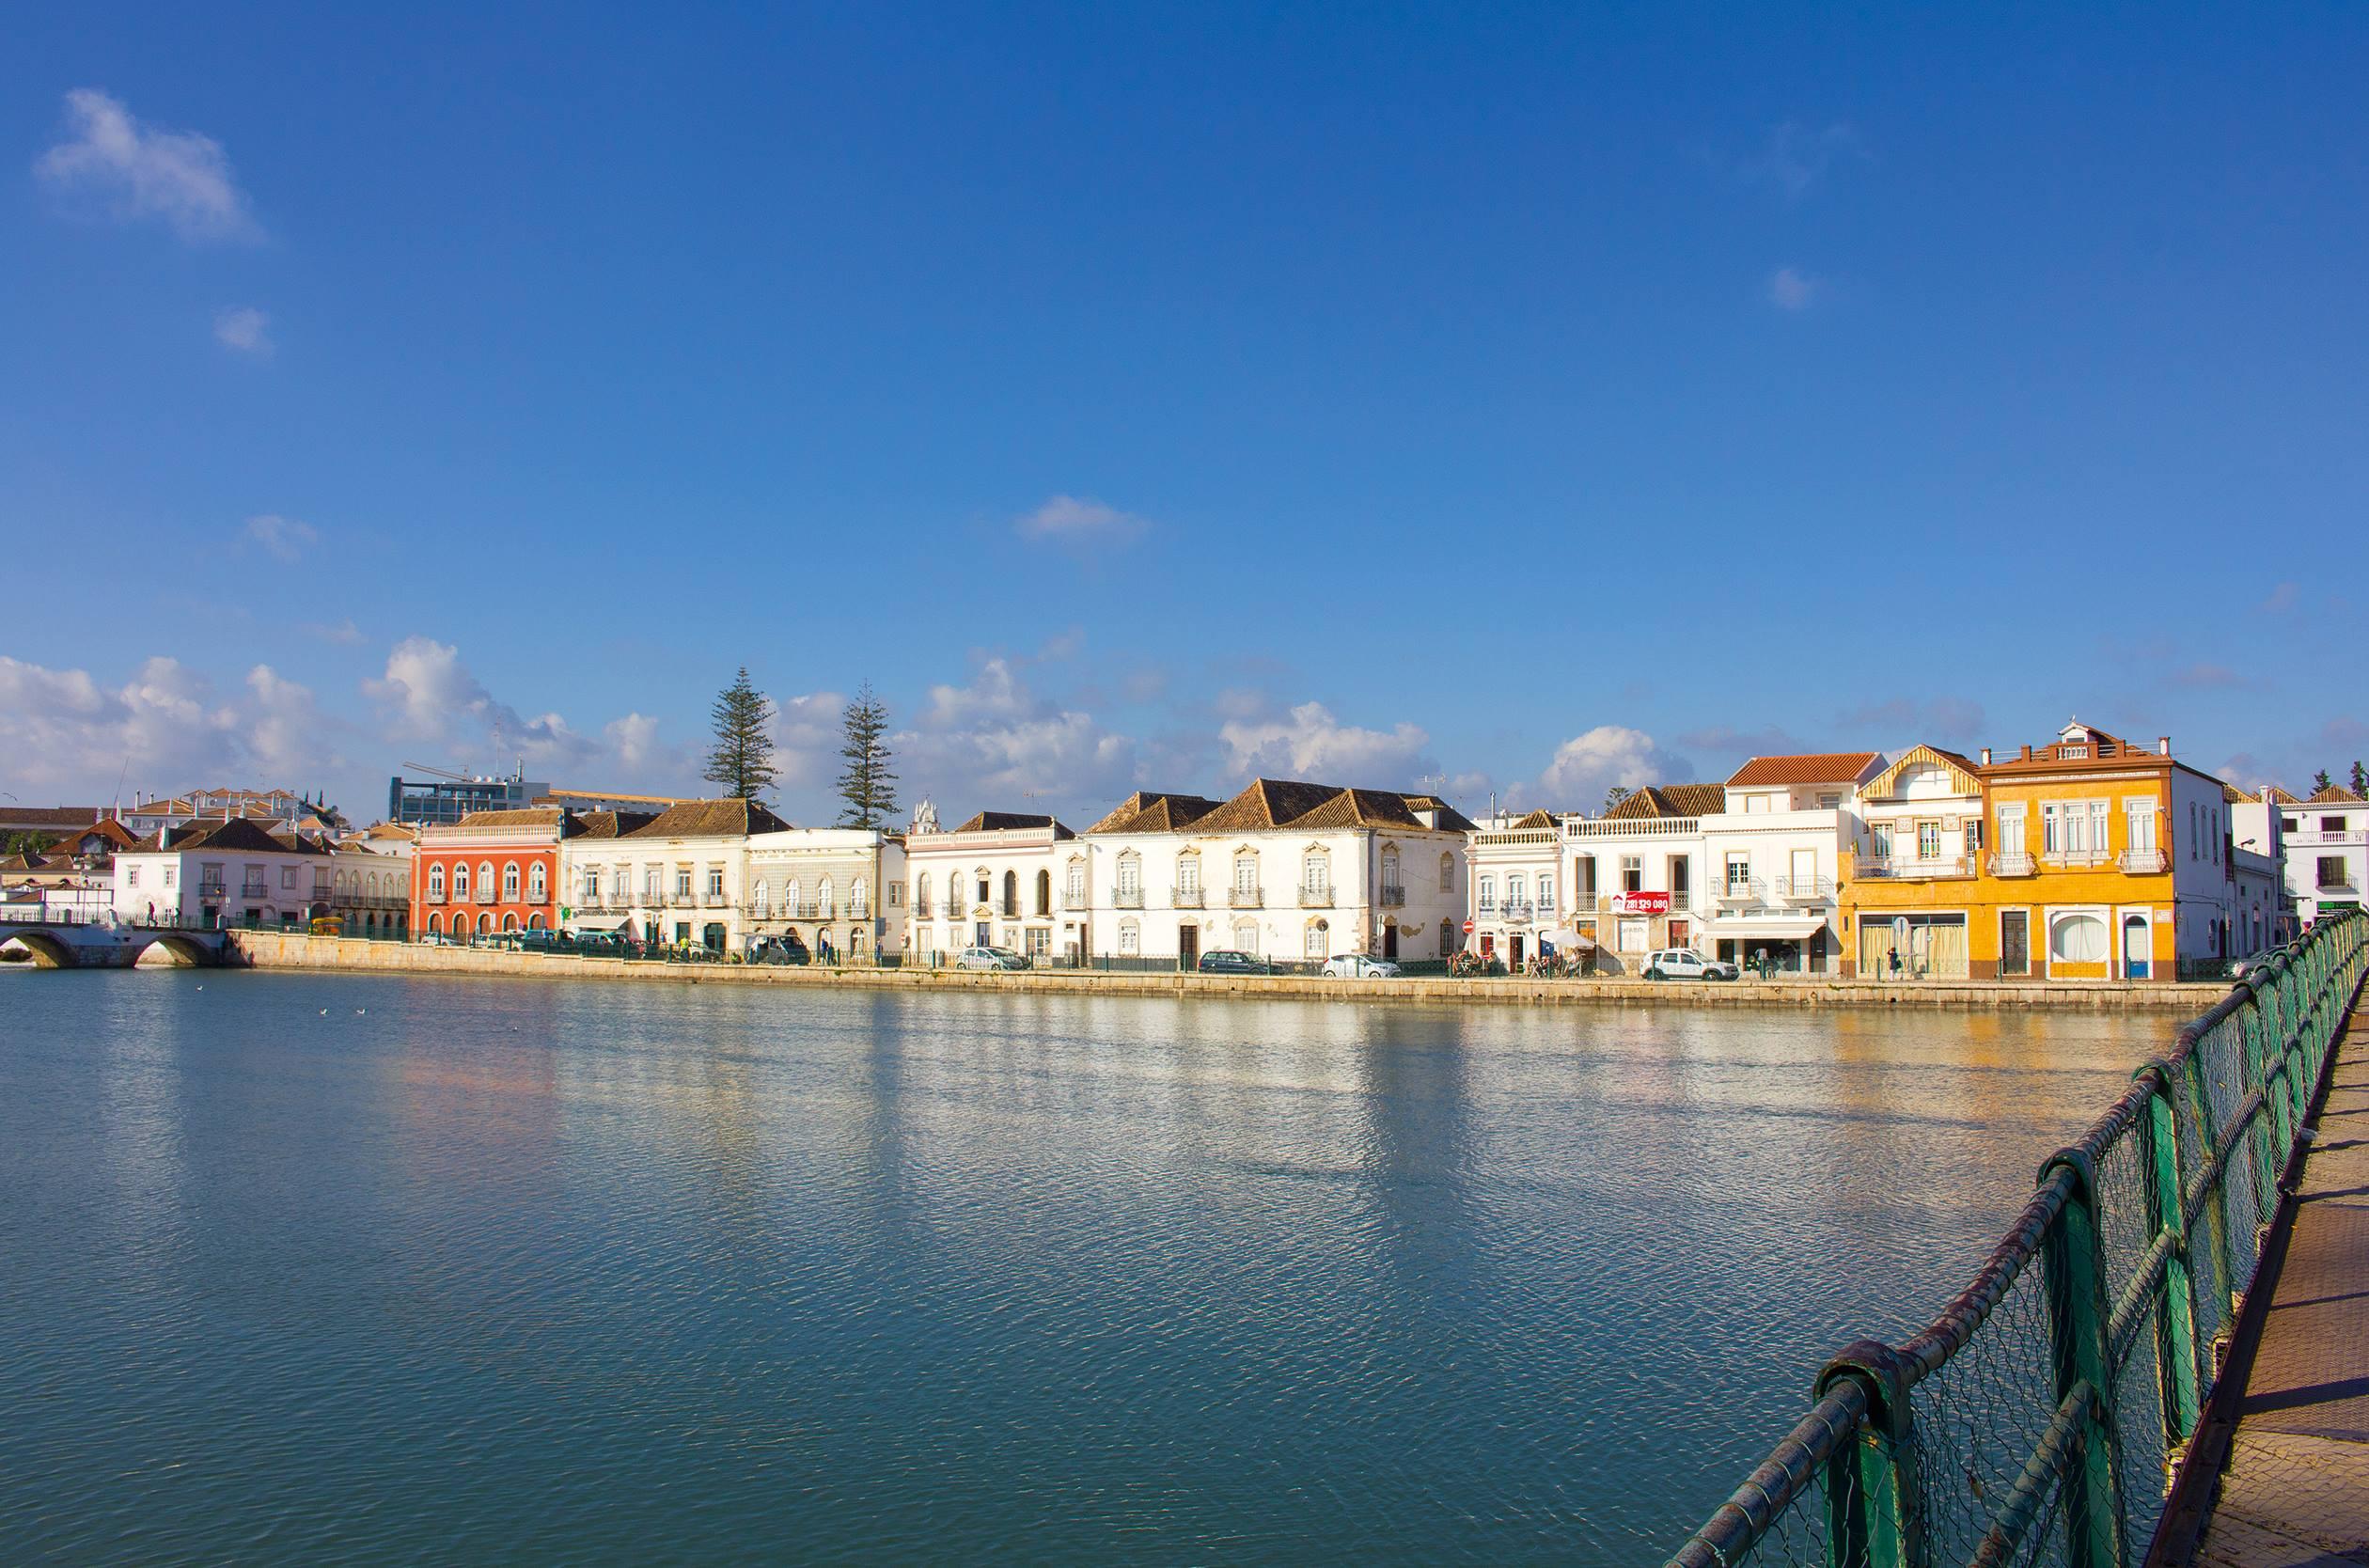 Taviras bunte Häuserfronten am Fluss Gilão